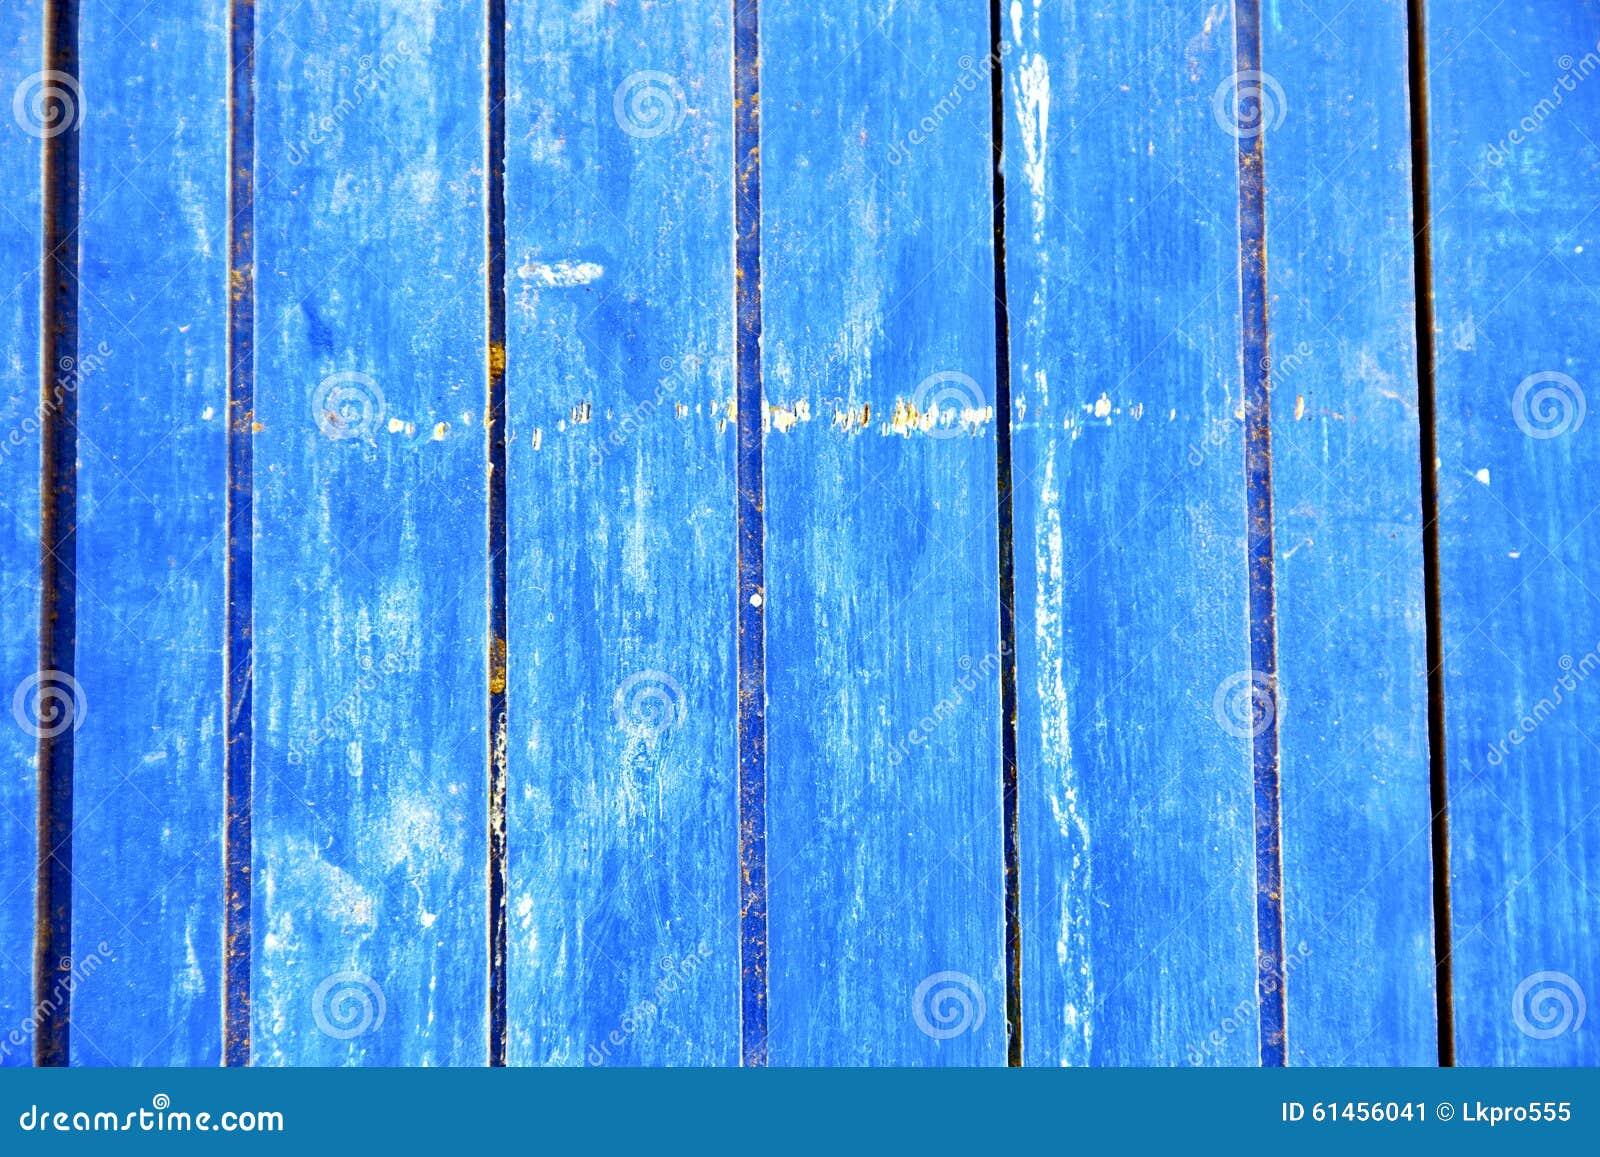 γδυμένος στην μπλε πόρτα και το σκουριασμένο καρφί